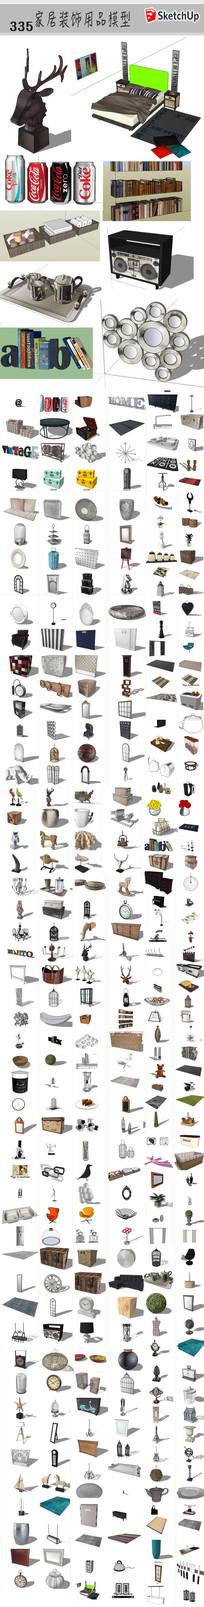 家居装饰品模型